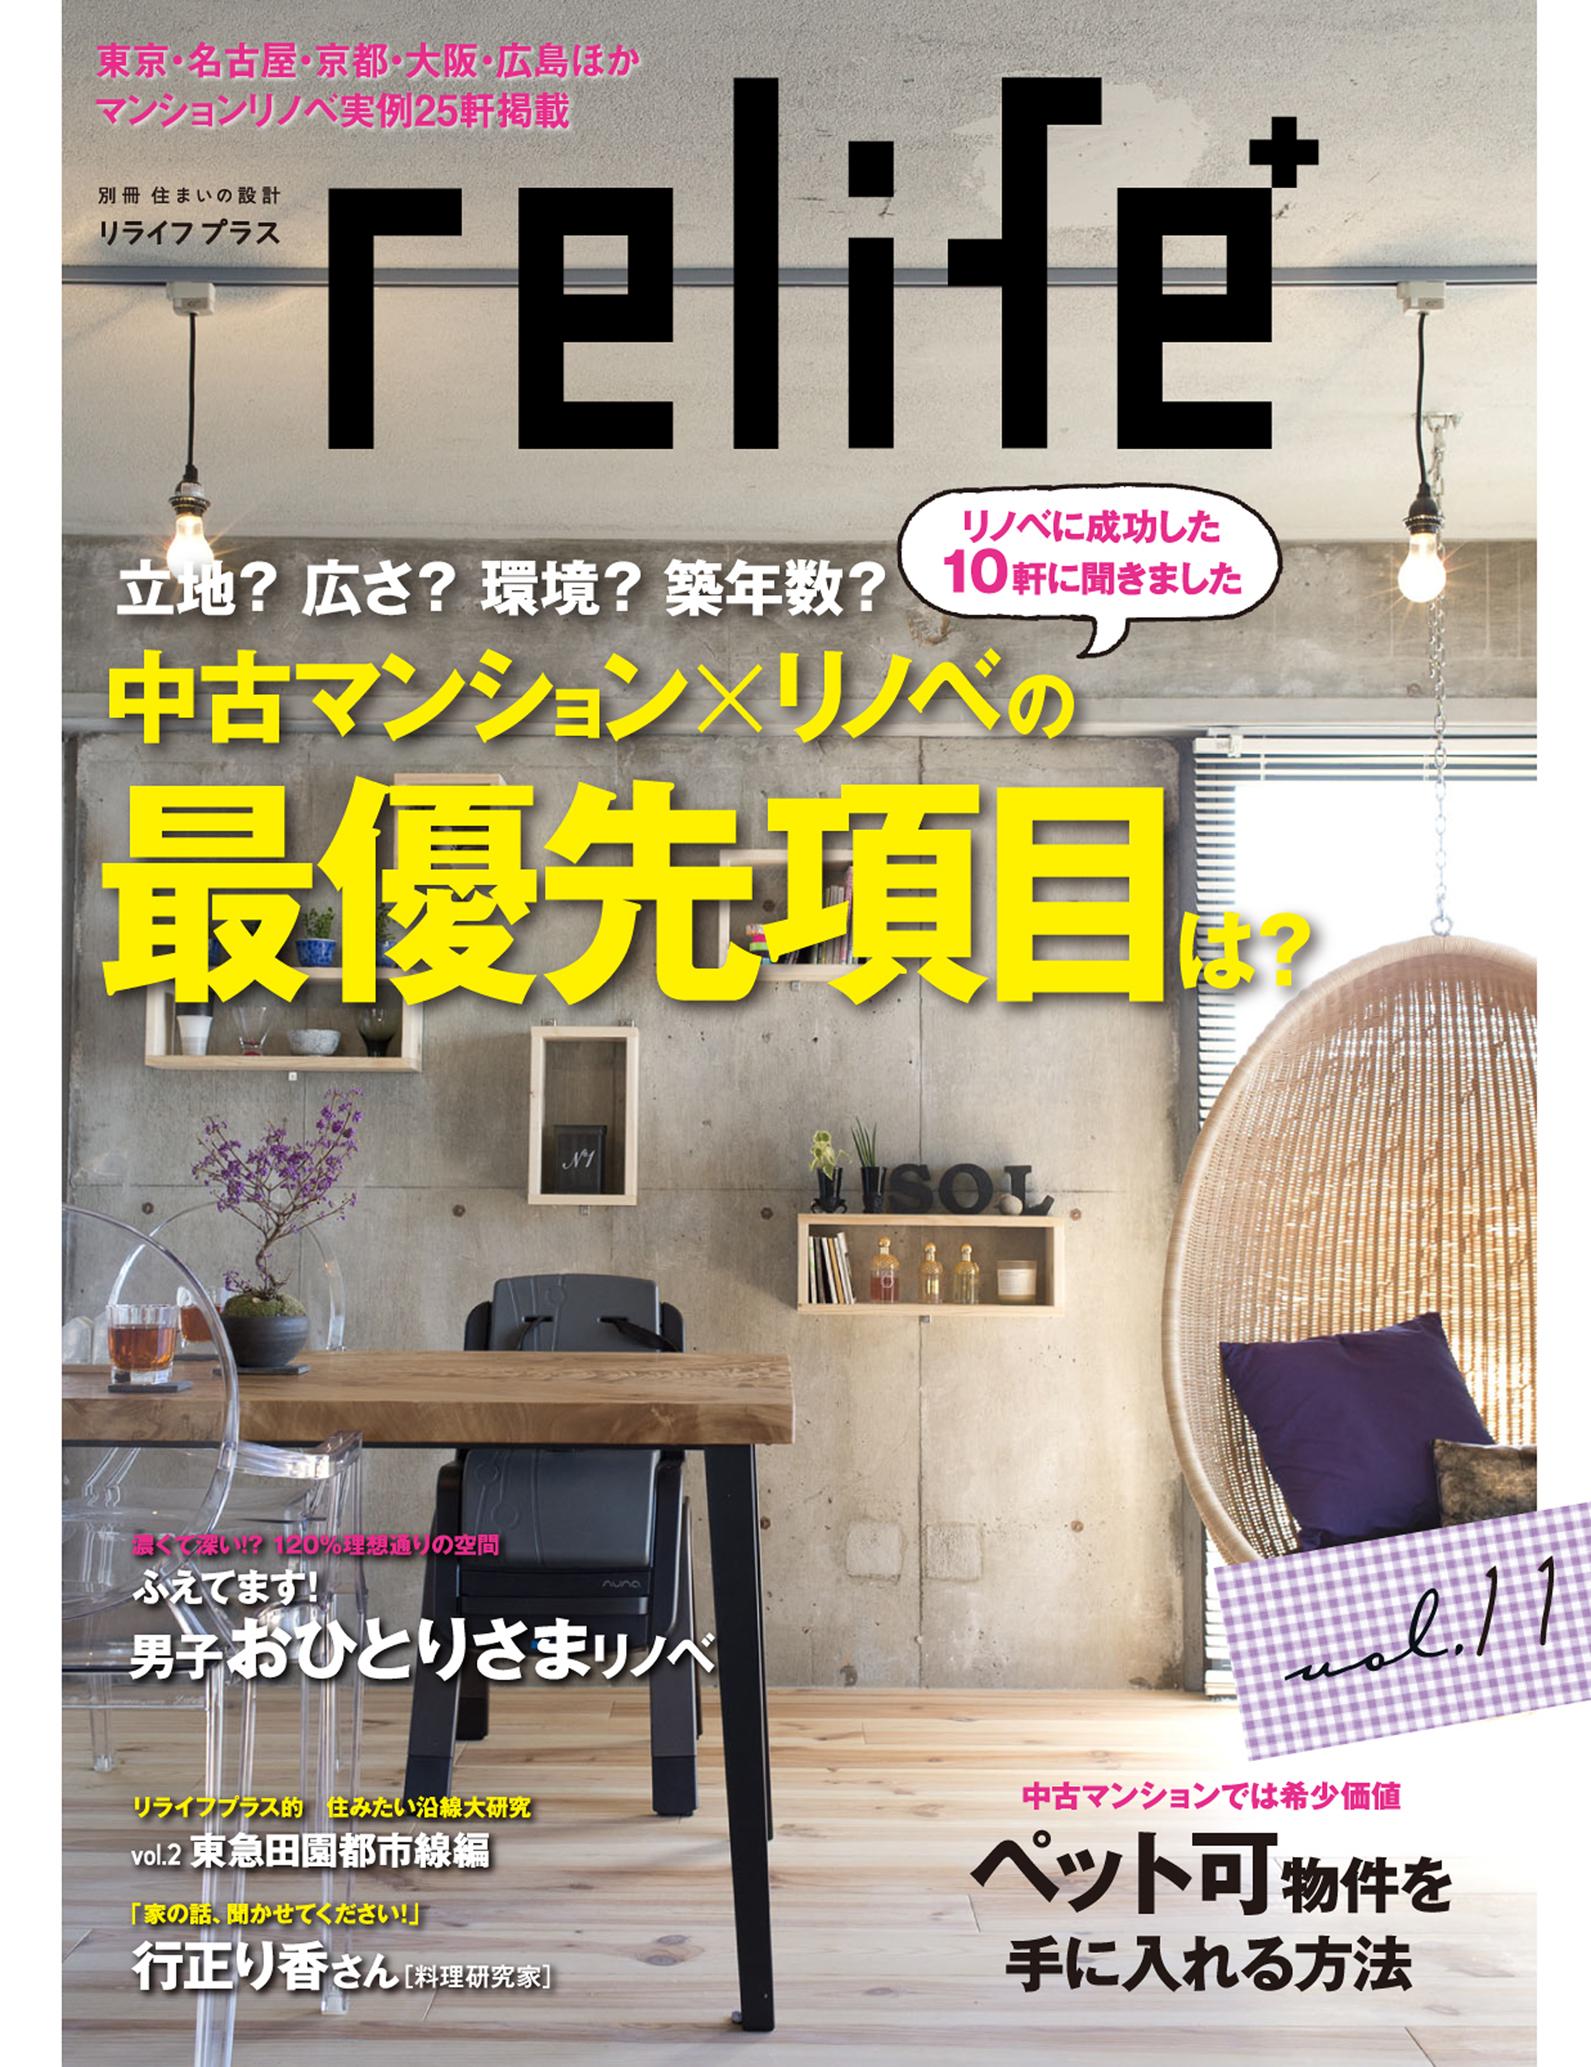 relife+ リライフプラス vol.11(扶桑社)に掲載されました☆